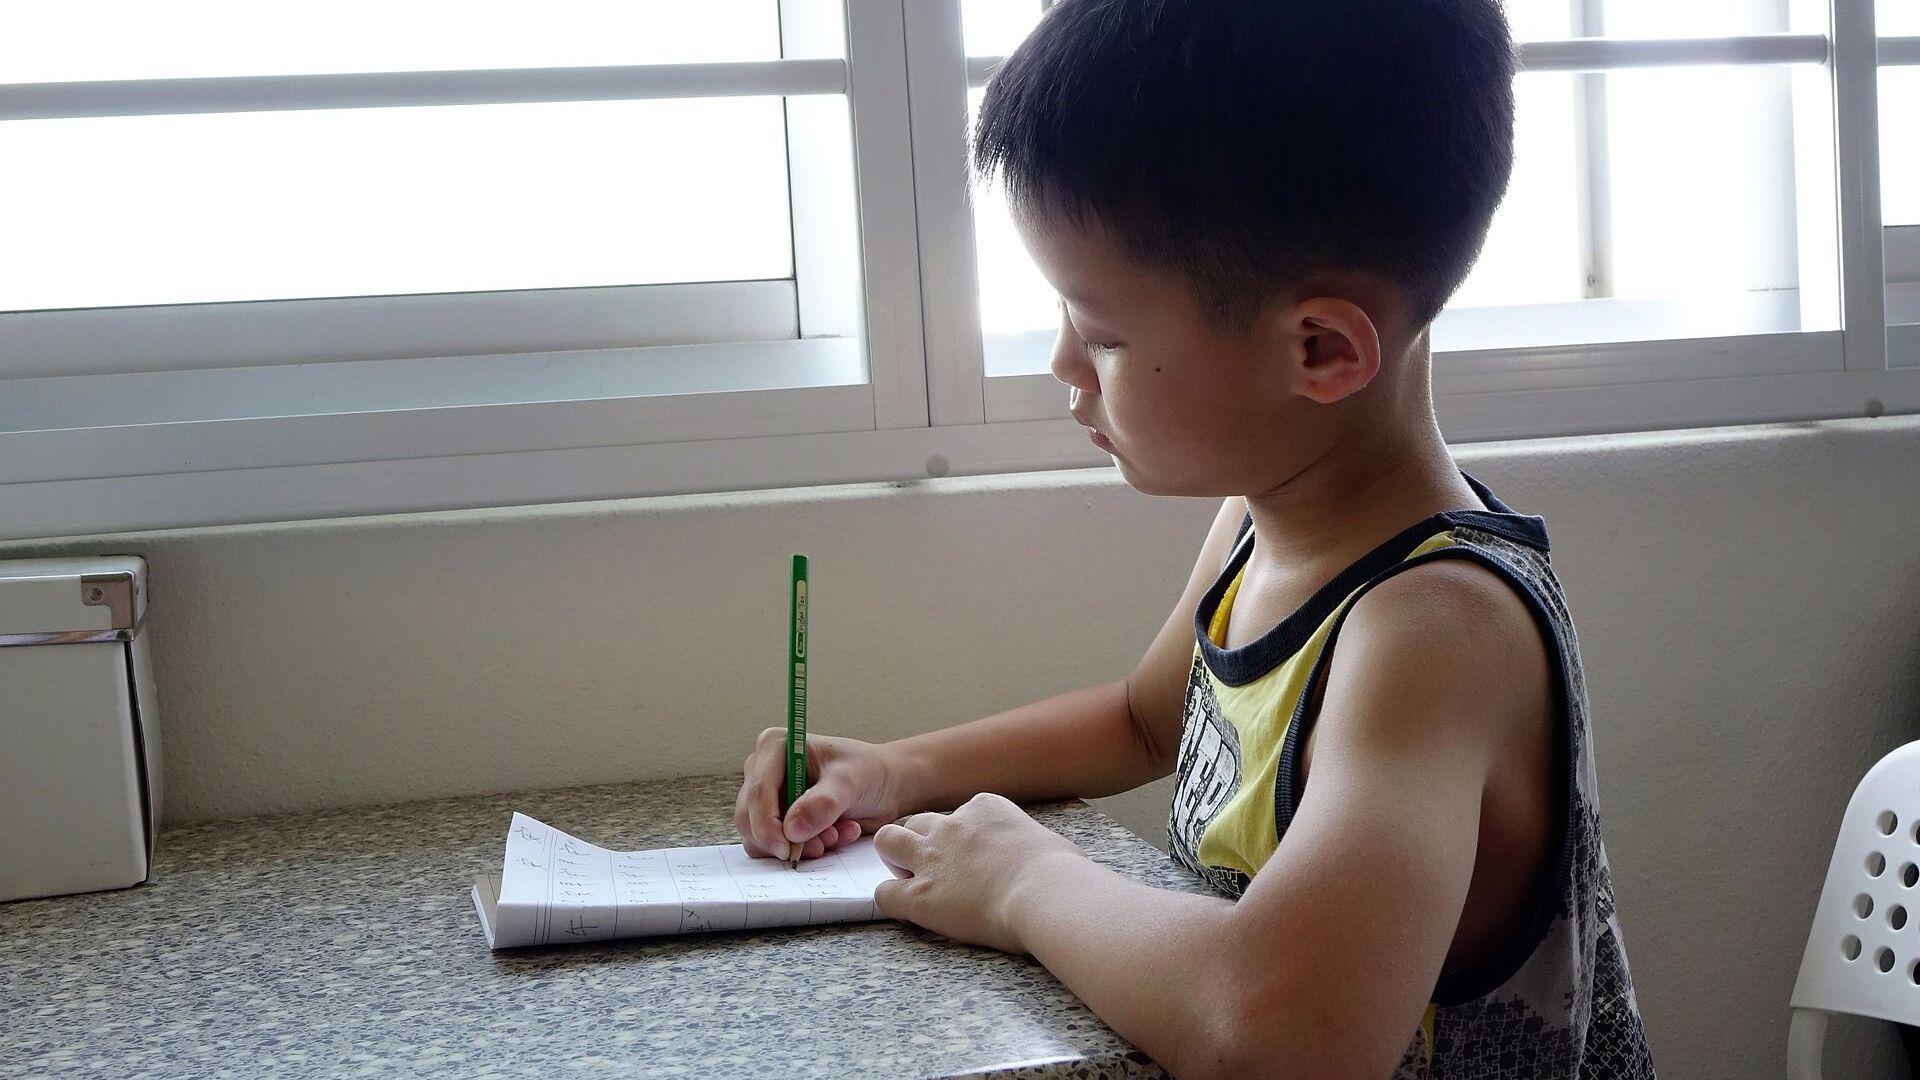 Un bambino cinese a scuola - Sputnik Italia, 1920, 07.02.2021